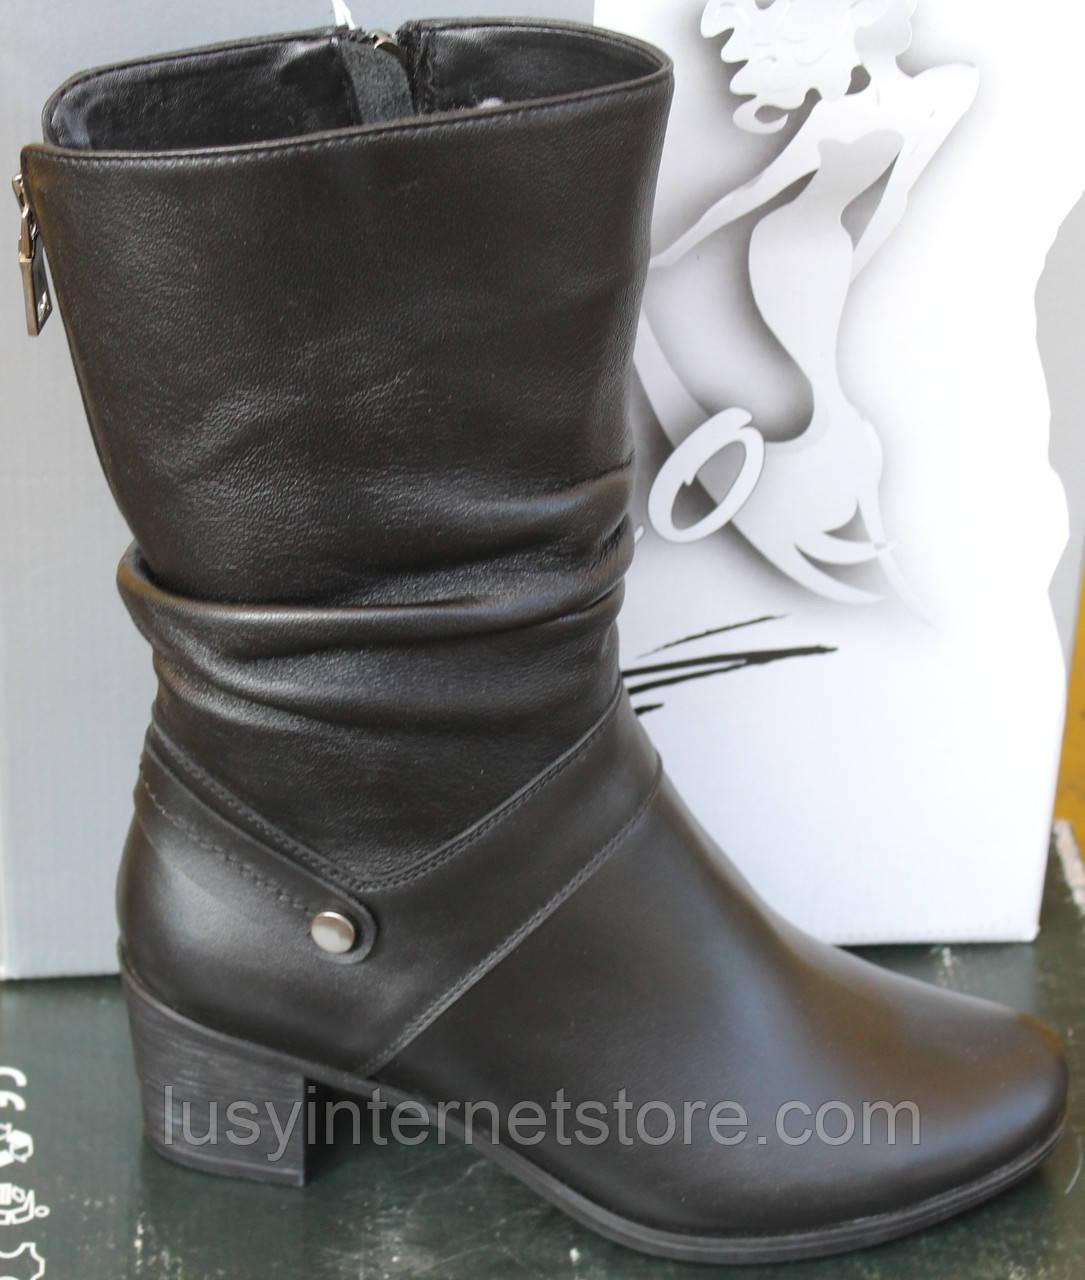 Сапоги женские кожаные зимние на каблуке от производителя модель САВ520